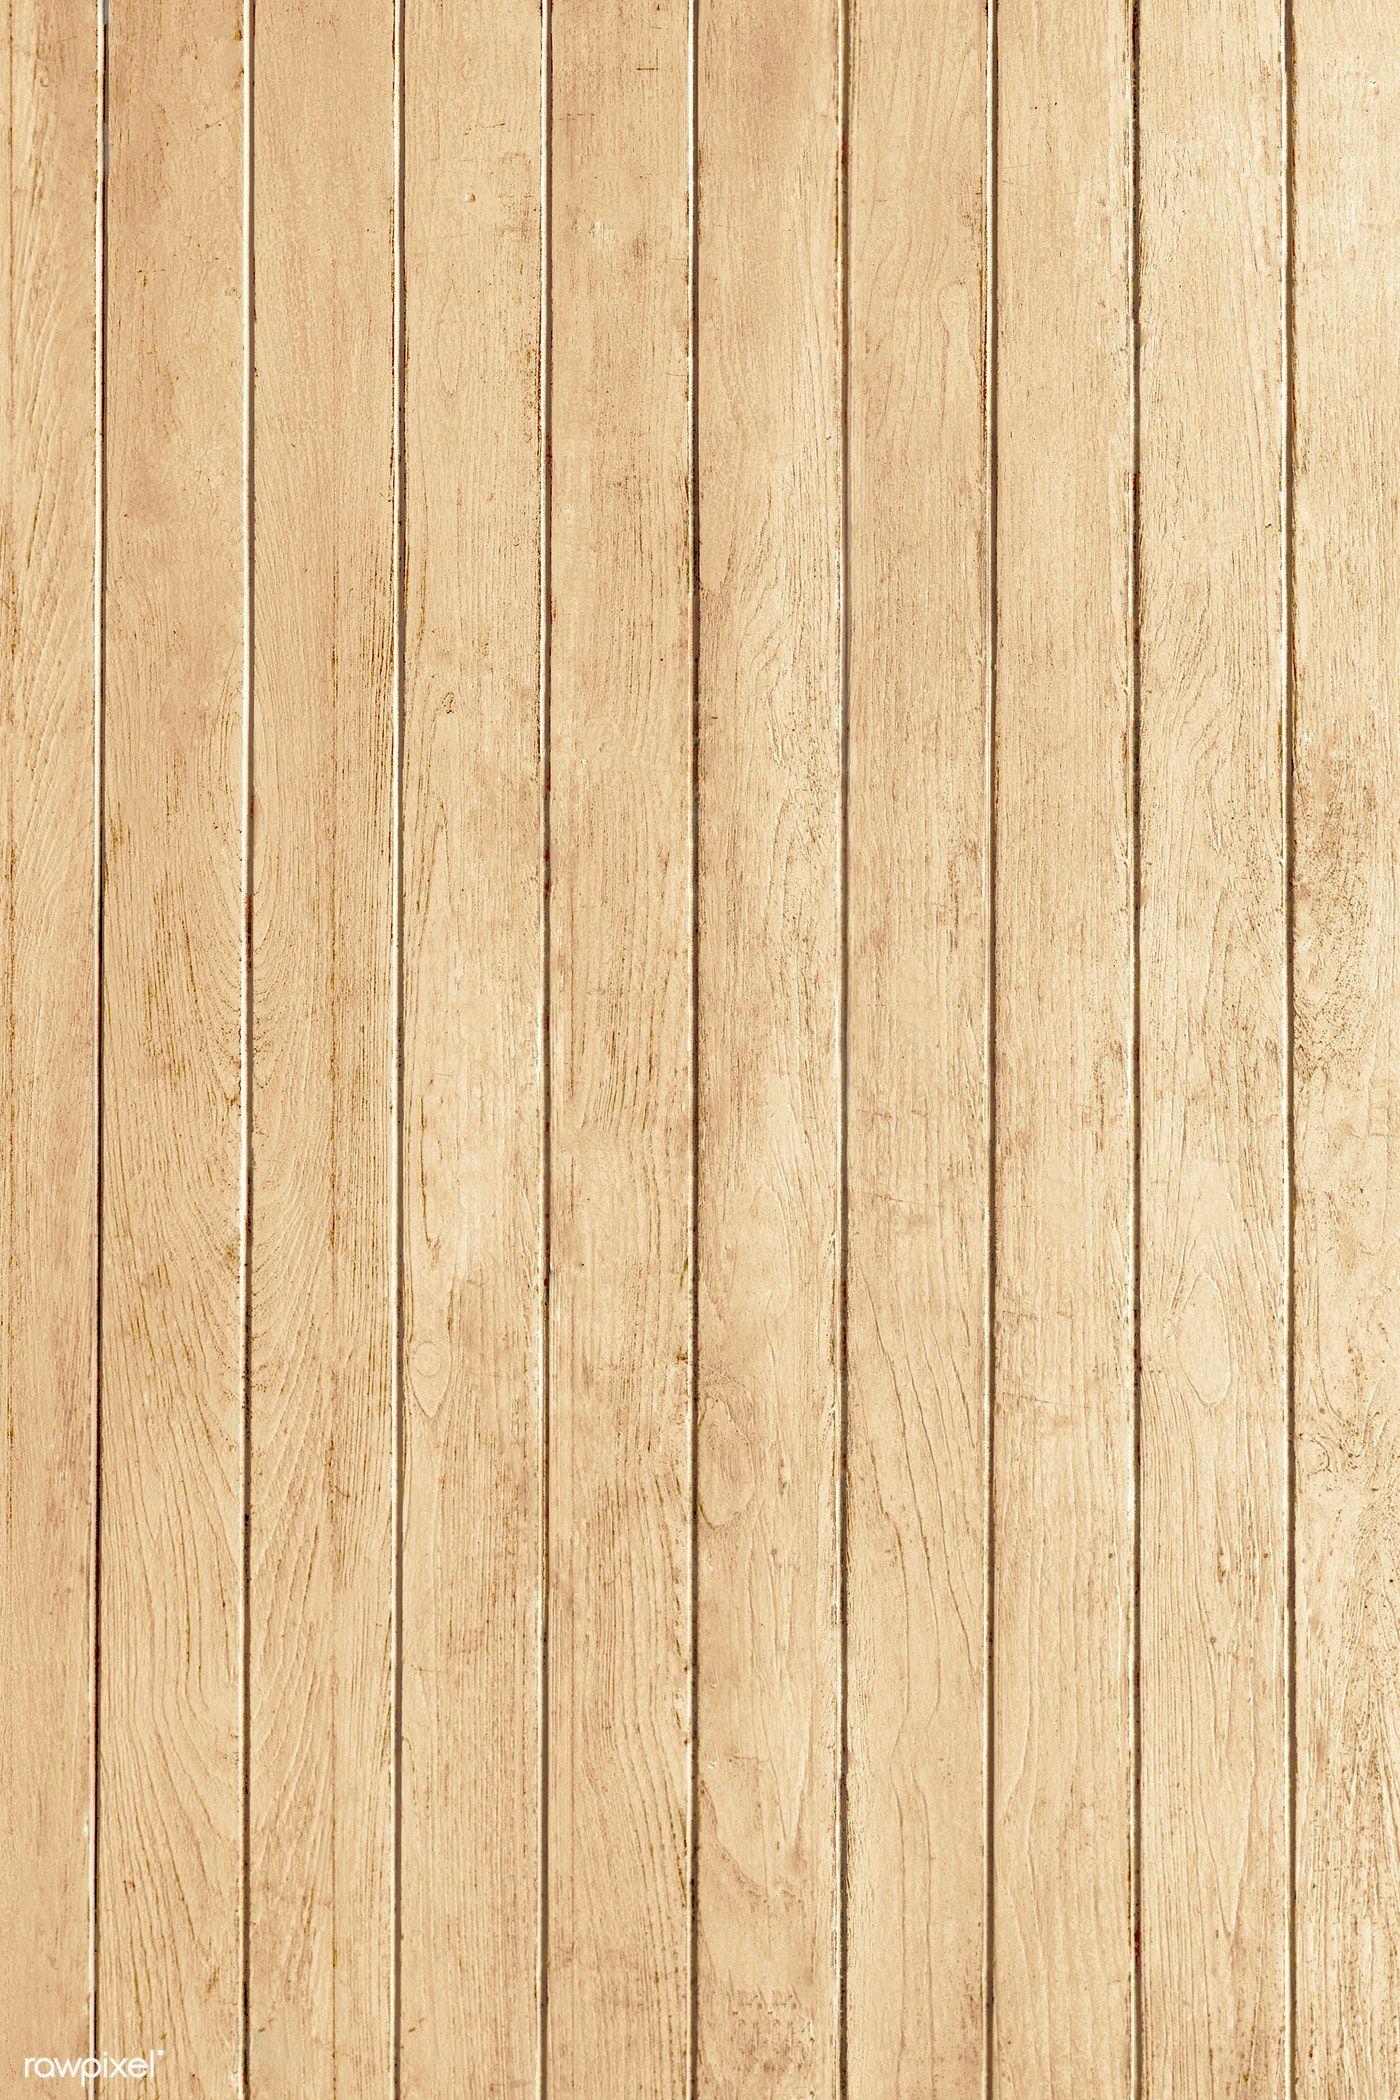 The Best Light Hd Wood Texture JPG